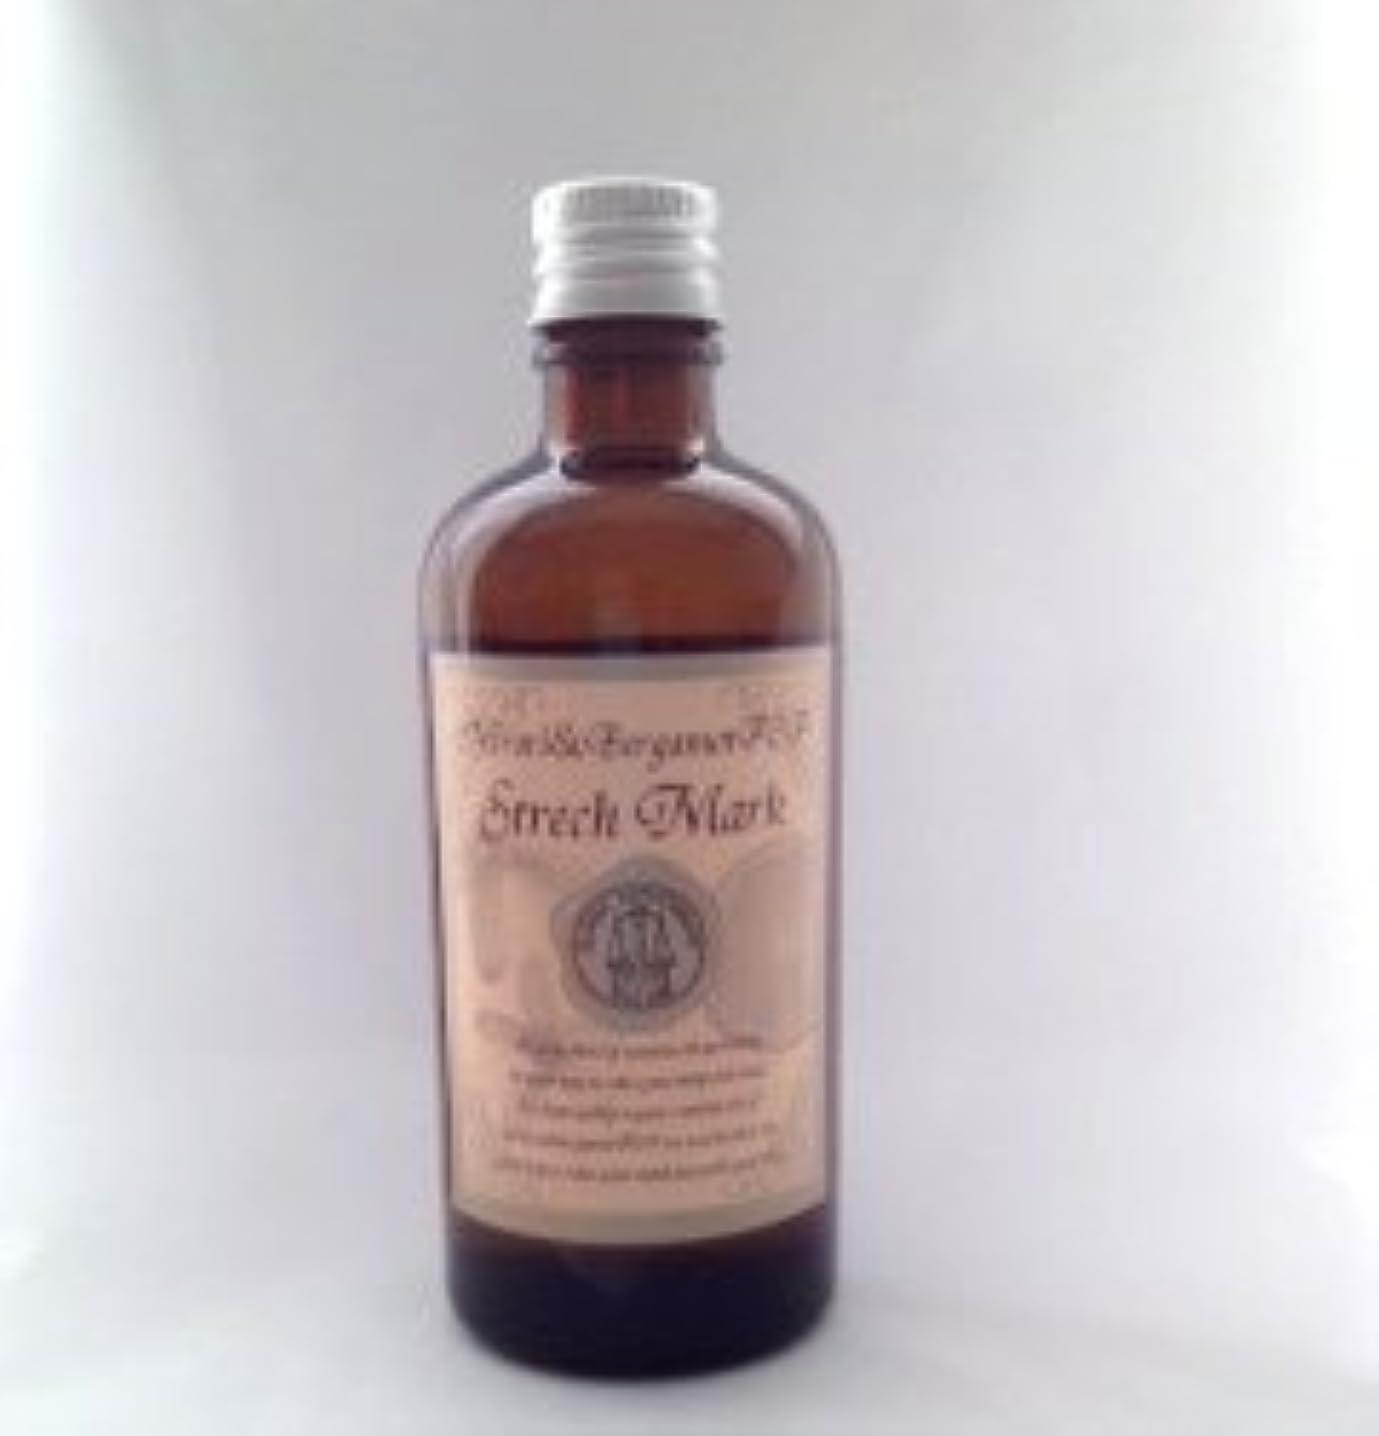 しゃがむ手術数字ヒーリングボディアロマオイル ストレッチマーク 105ml ネロリ&ベルガモットFCFの香り